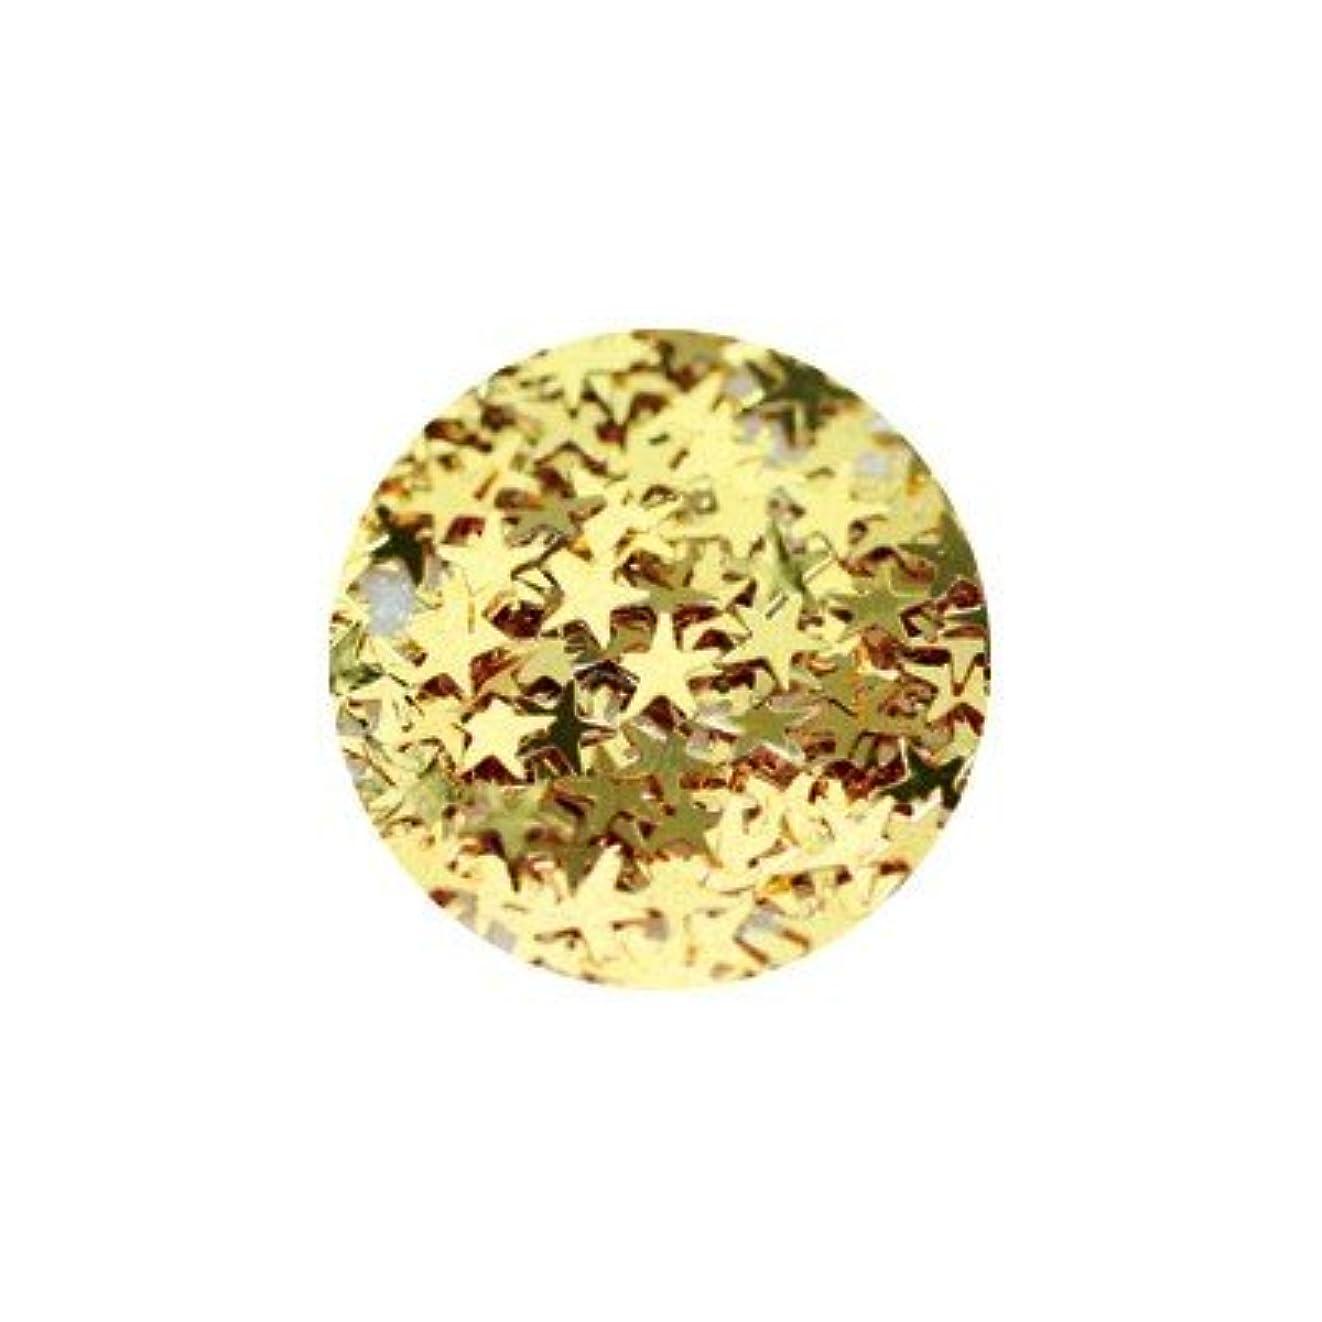 分数是正する相対的キラキラ ゴールド スター 2.5mm